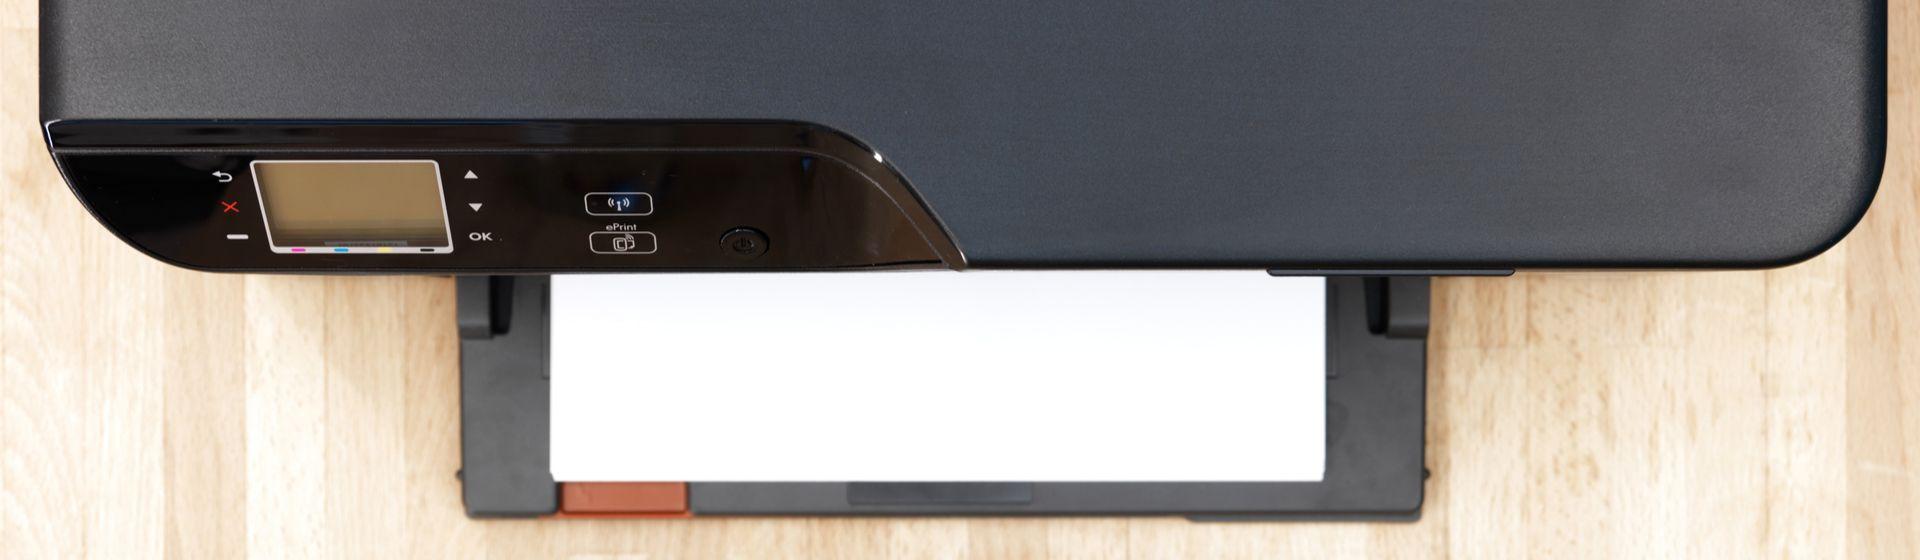 Como instalar impressora HP: veja o passo a passo